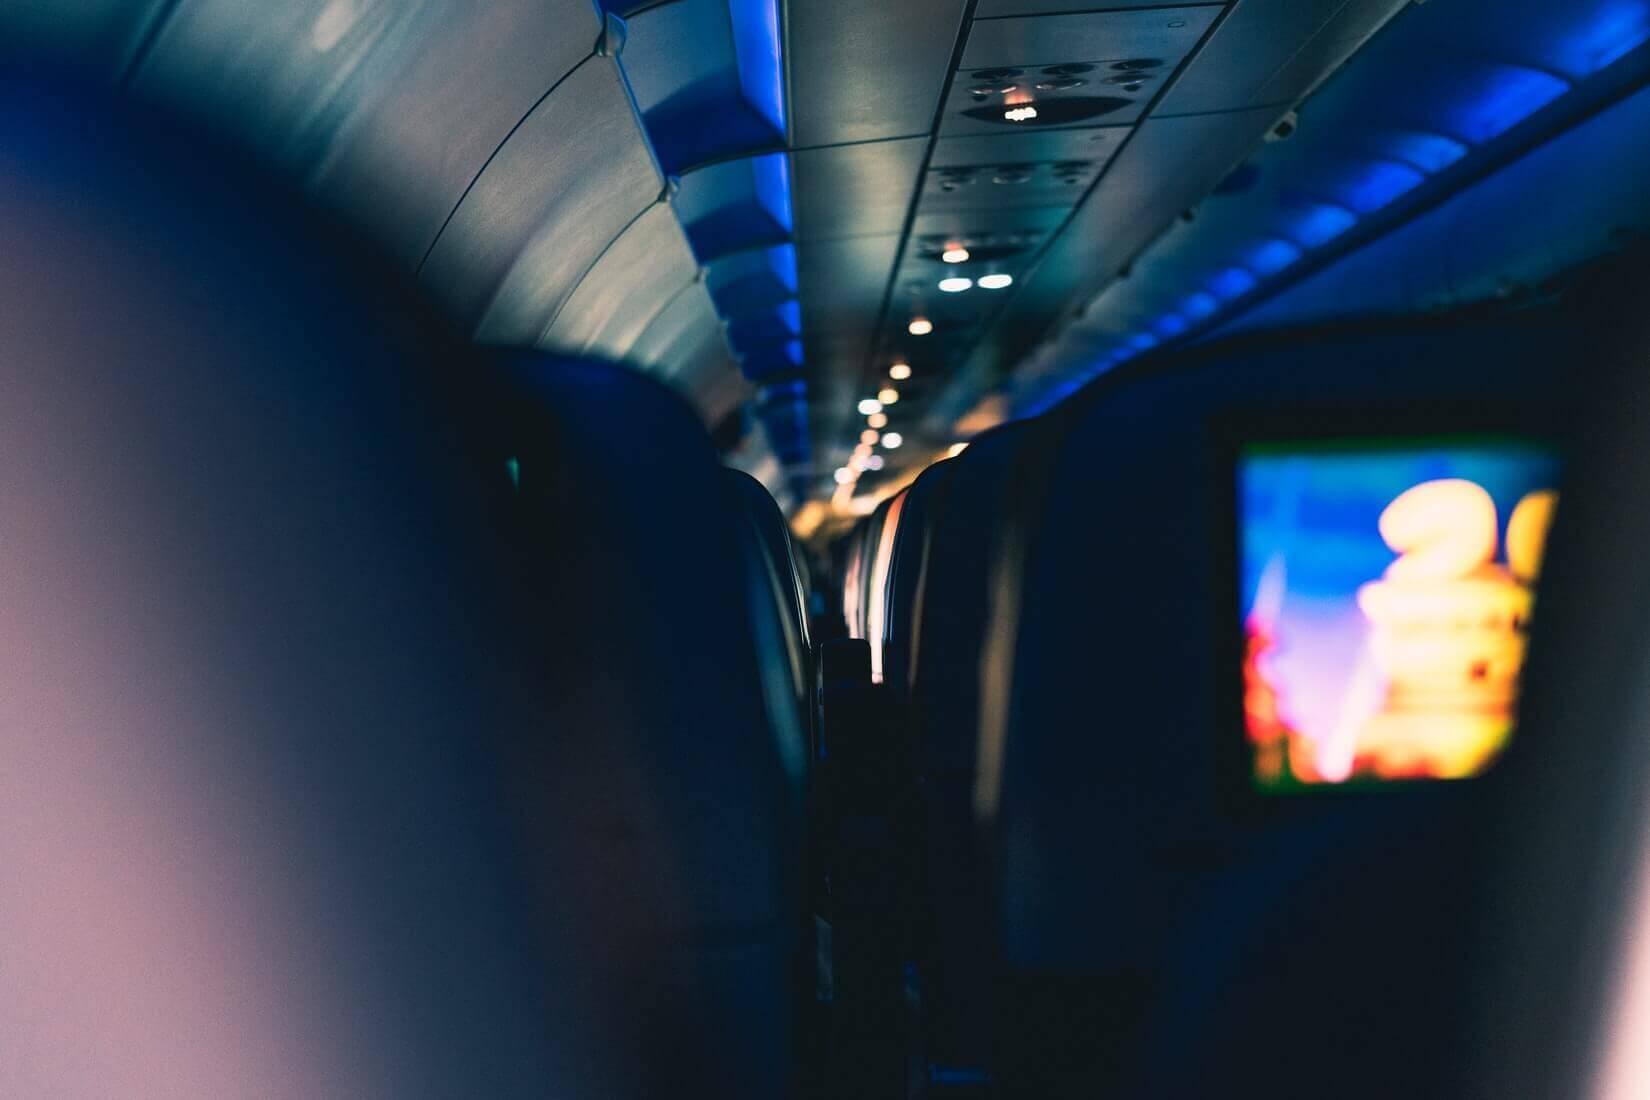 Поясним за новости: кресла с дезинфекцией и кровати появятся в самолётах будущего